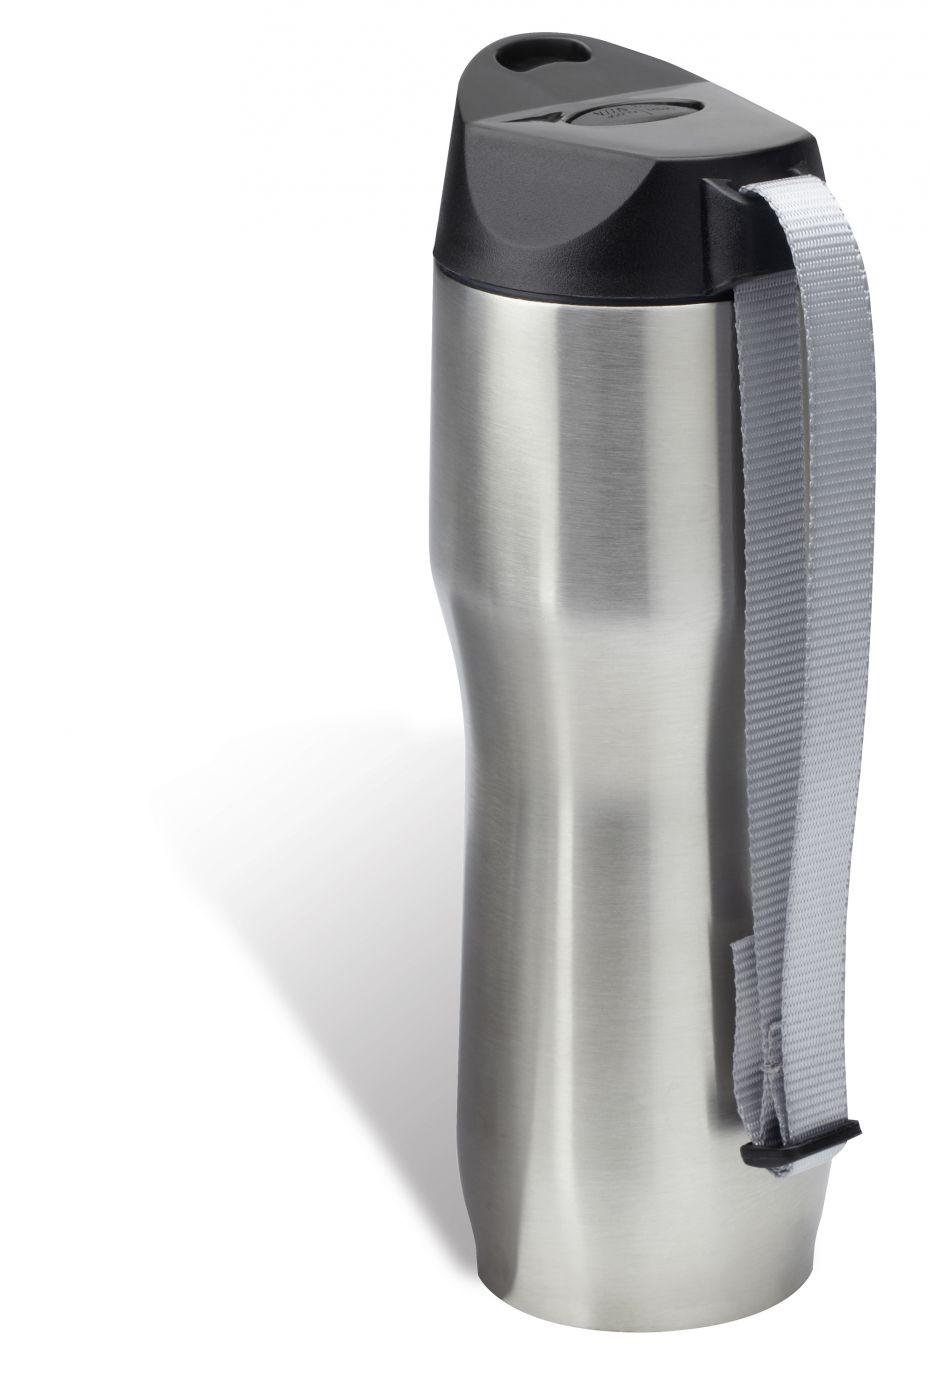 thermoskanne mit trinkverschluss edelstahl nylon silber schwarz reflects ebay. Black Bedroom Furniture Sets. Home Design Ideas